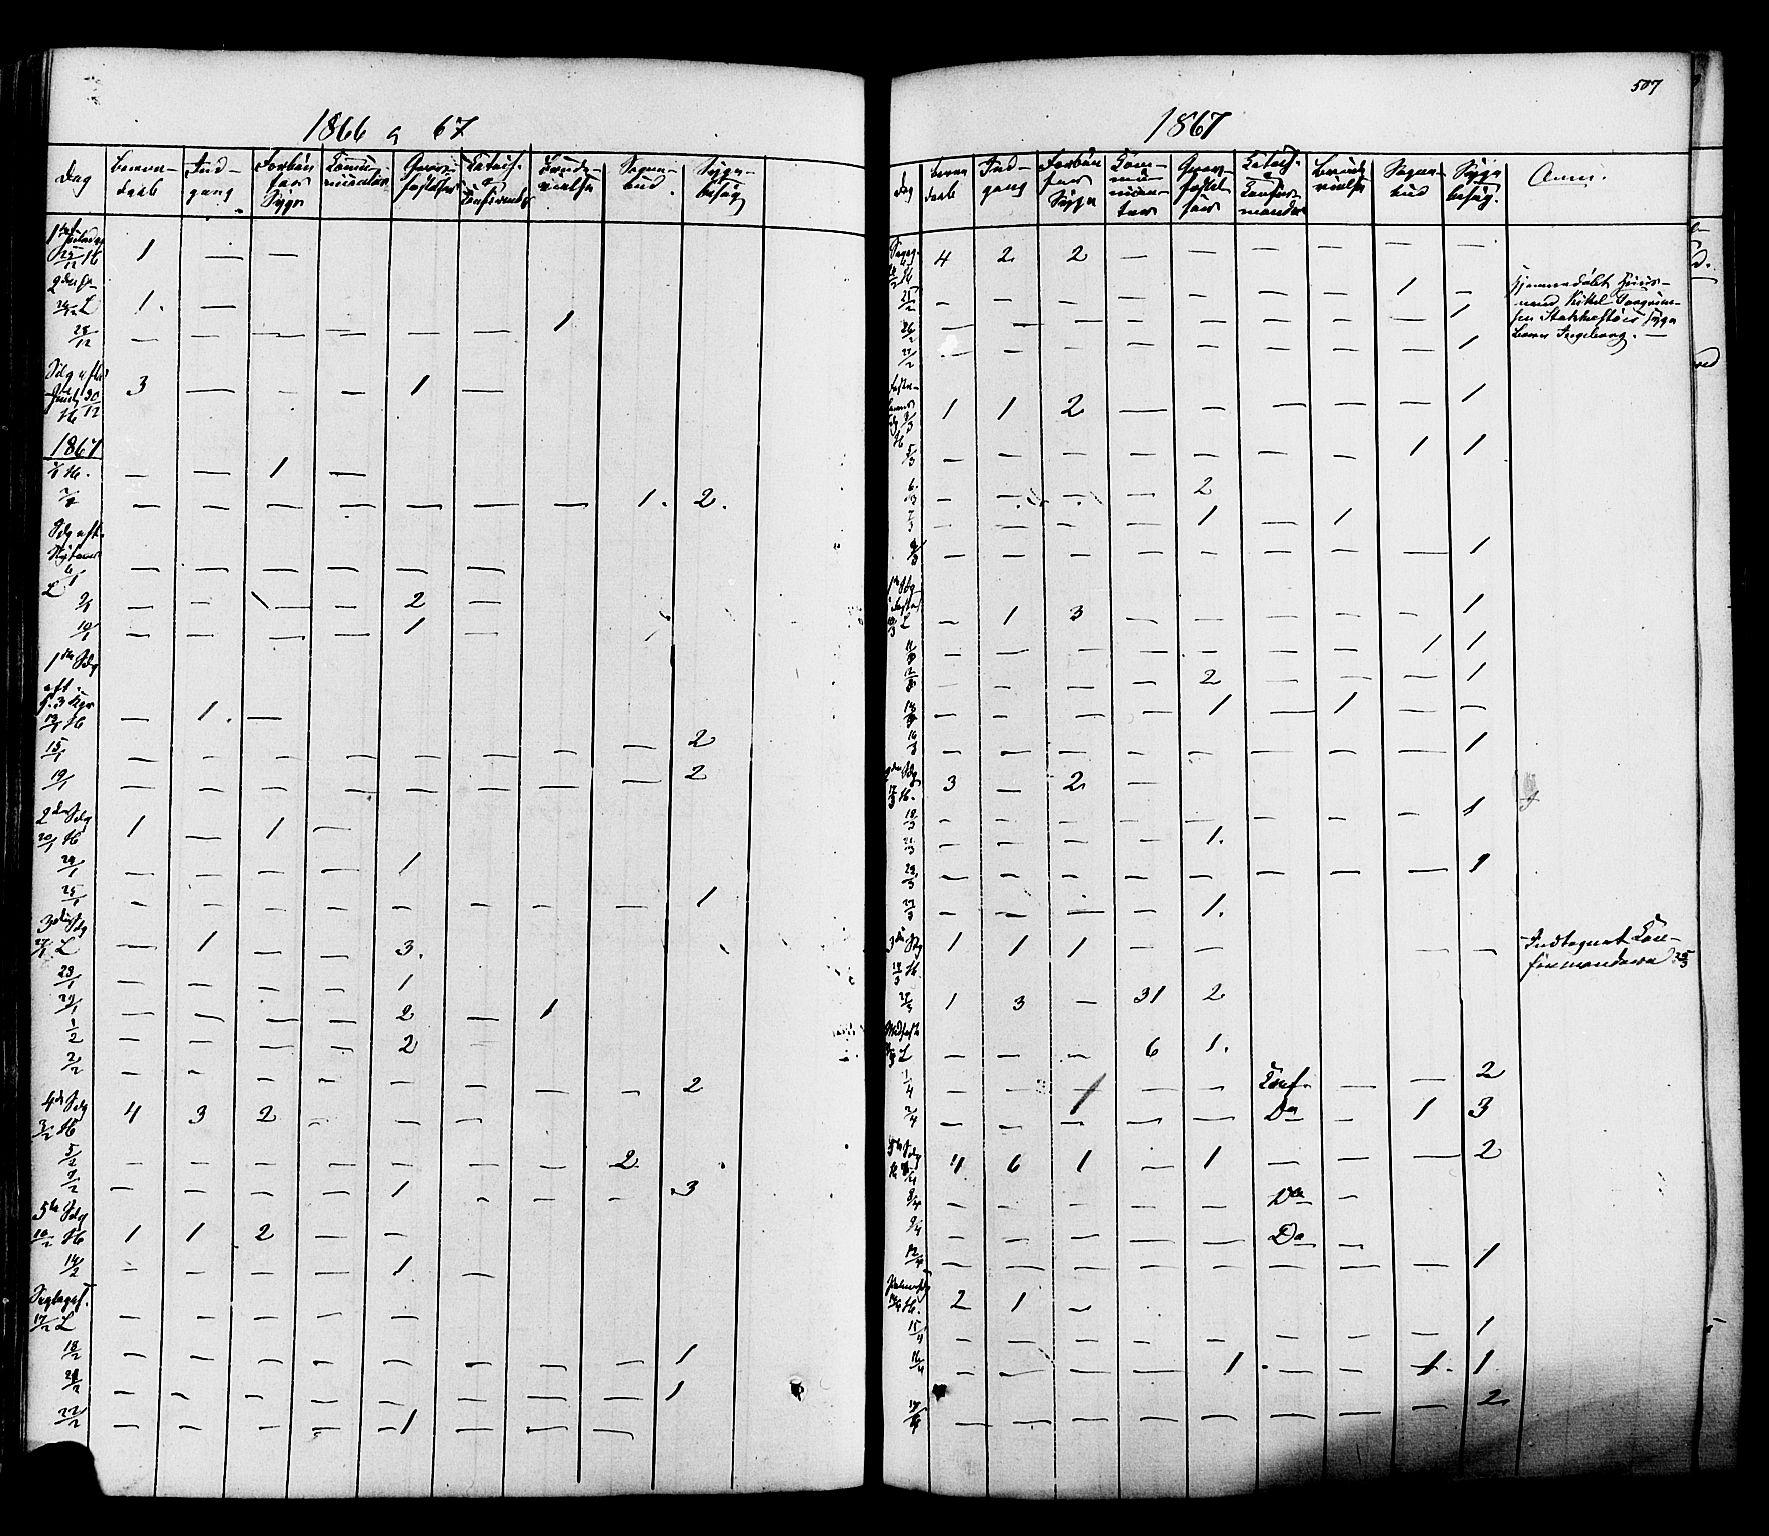 SAKO, Heddal kirkebøker, F/Fa/L0007: Ministerialbok nr. I 7, 1855-1877, s. 507